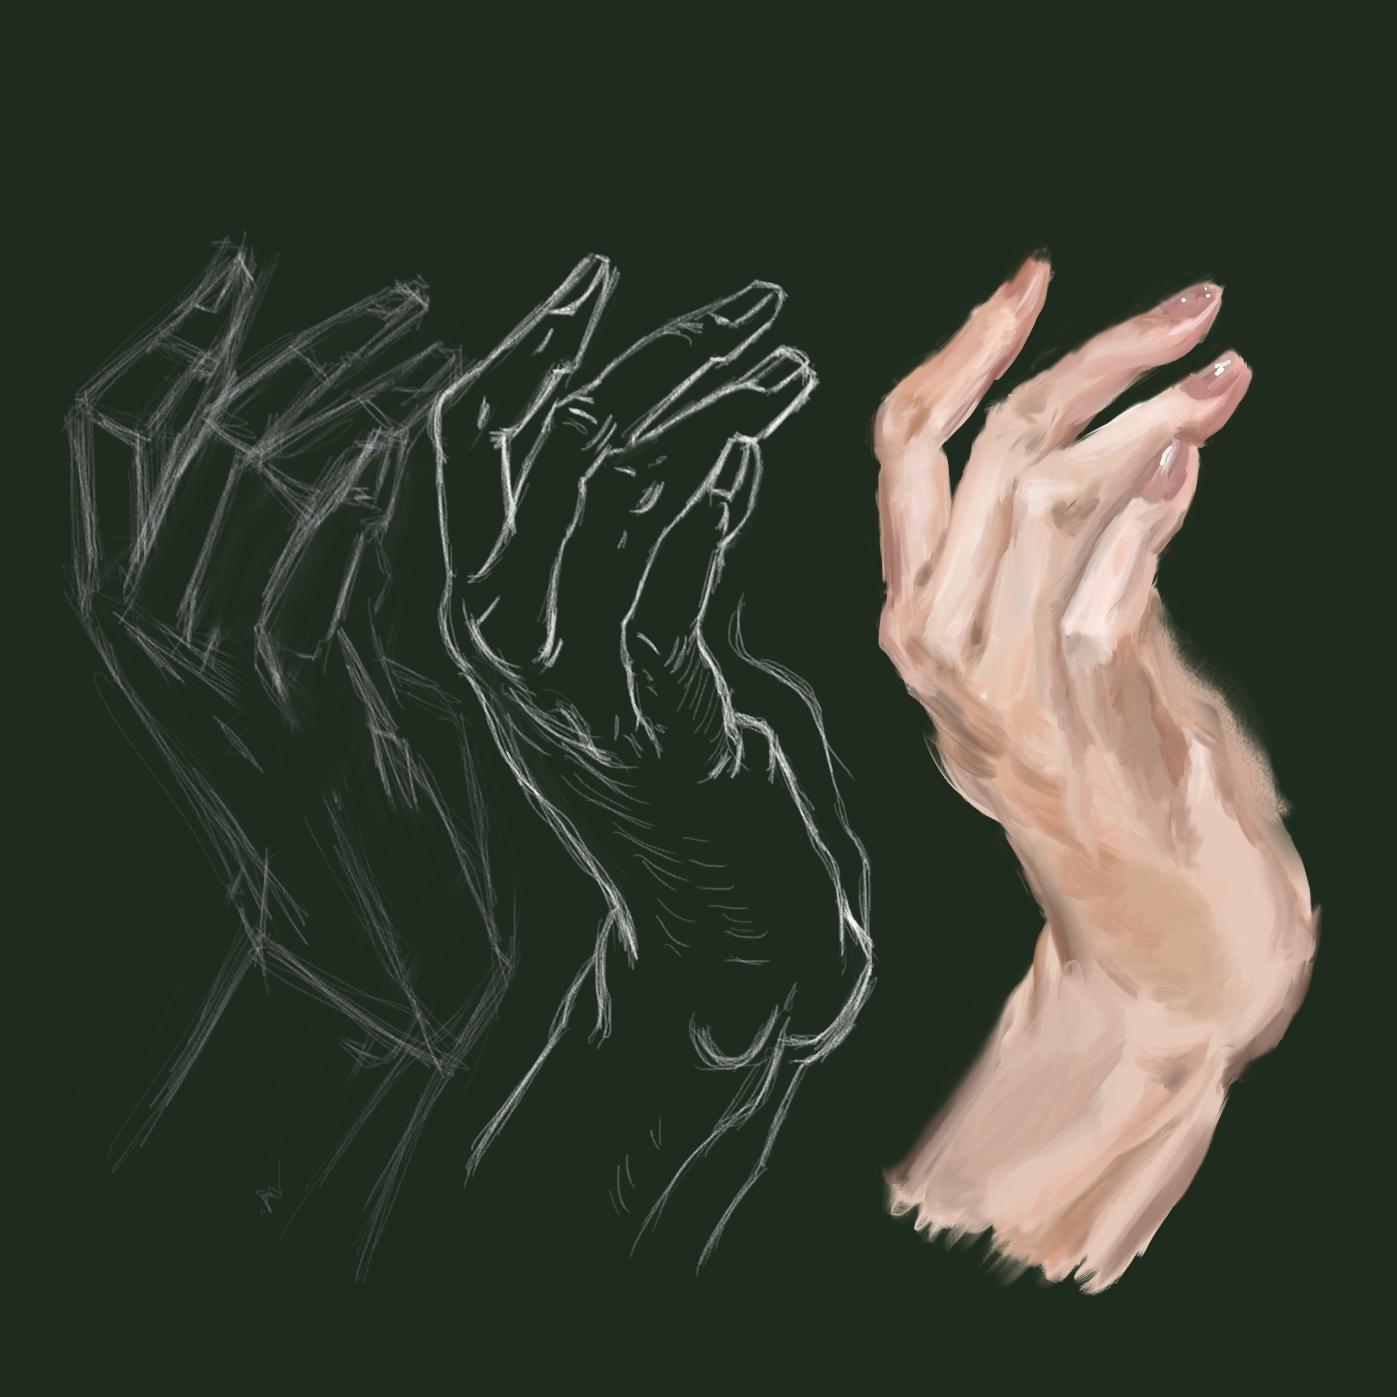 Proceso de dibujo de una mano